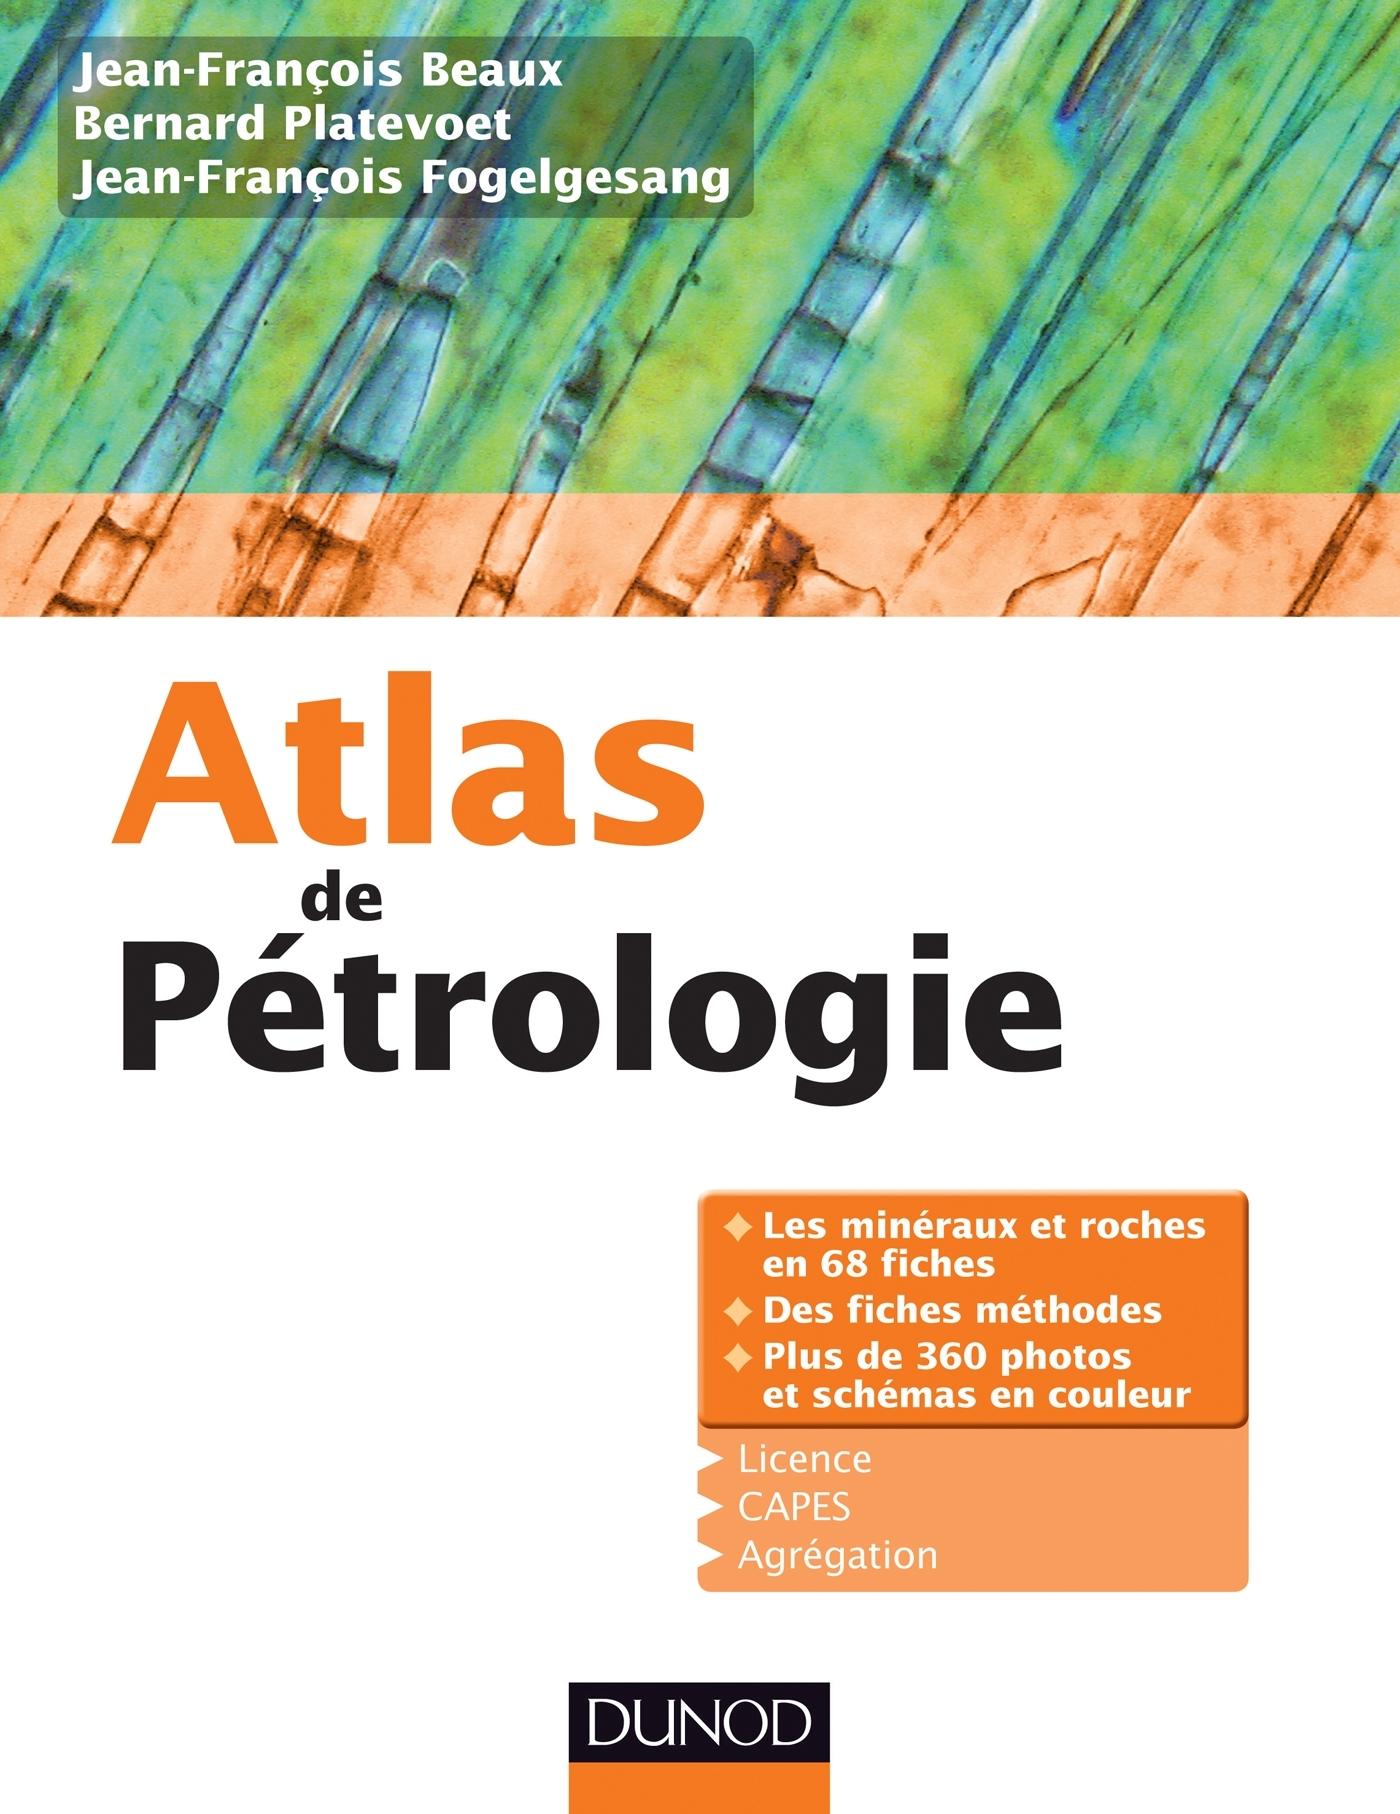 ATLAS DE PETROLOGIE - LES MINERAUX ET ROCHES EN 68 FICHES ET 360 PHOTOS